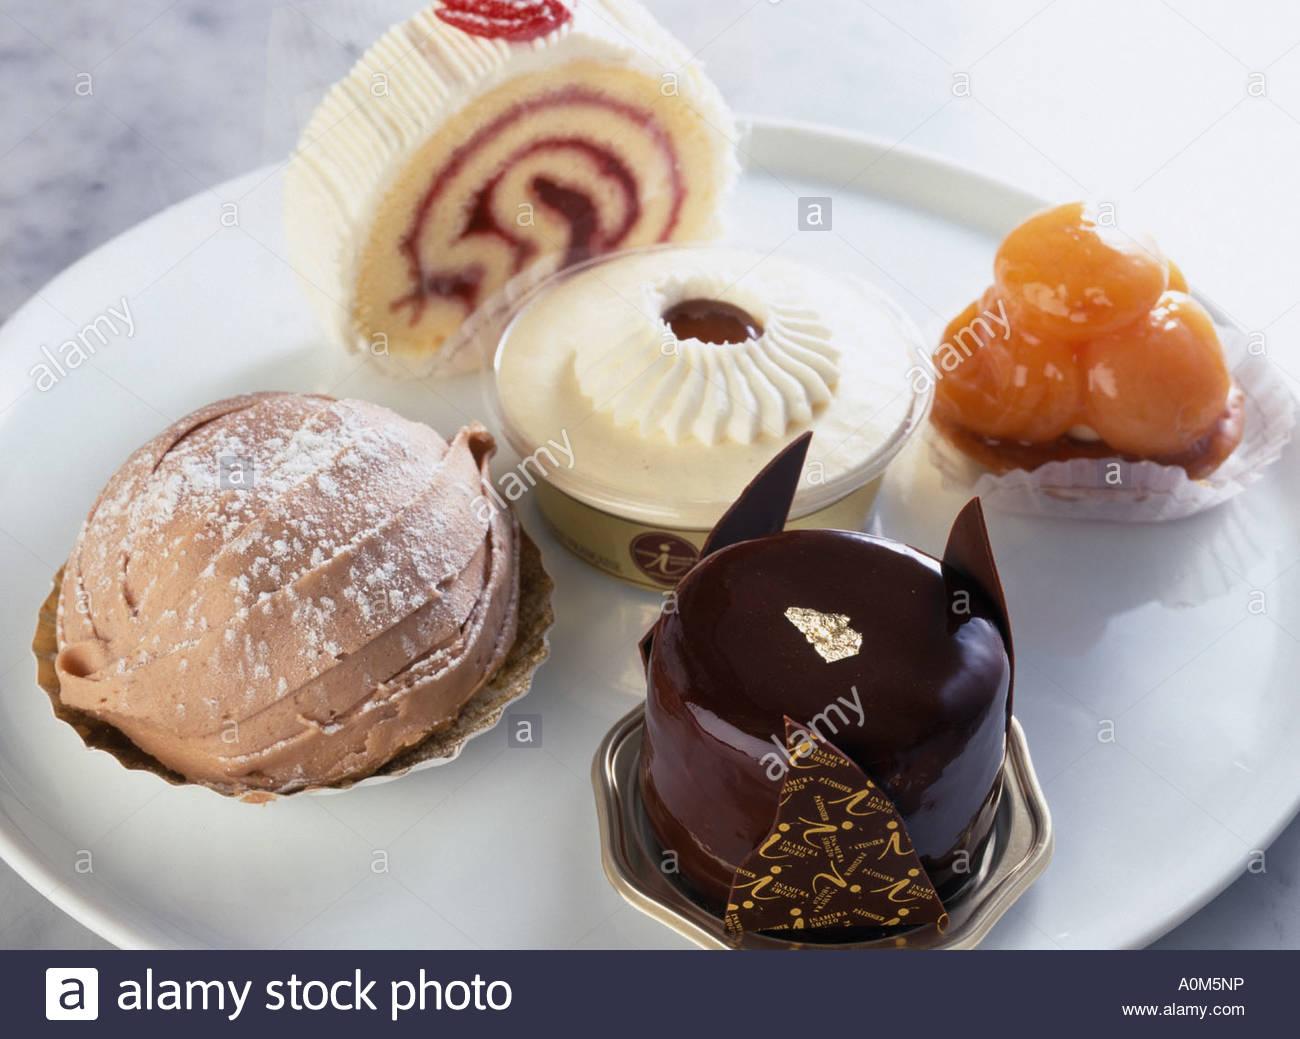 Cake combination dessert japan japanese cuisine stock for Asian cuisine dessert